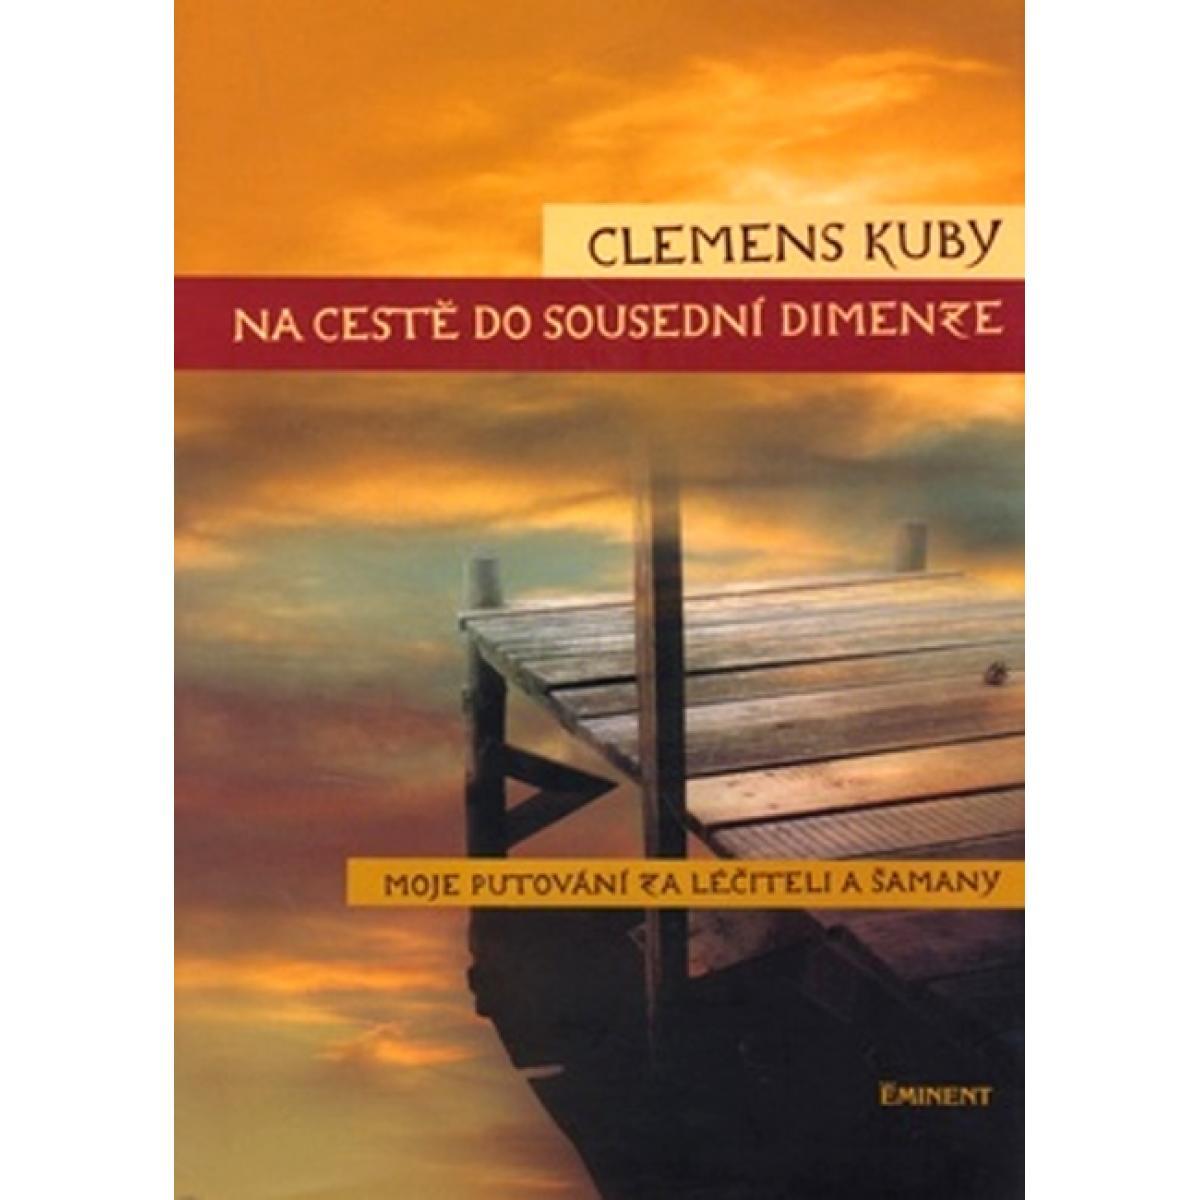 Na cestě do sousední dimenze - moje putování za léčiteli a šamany - Clemens Kuby